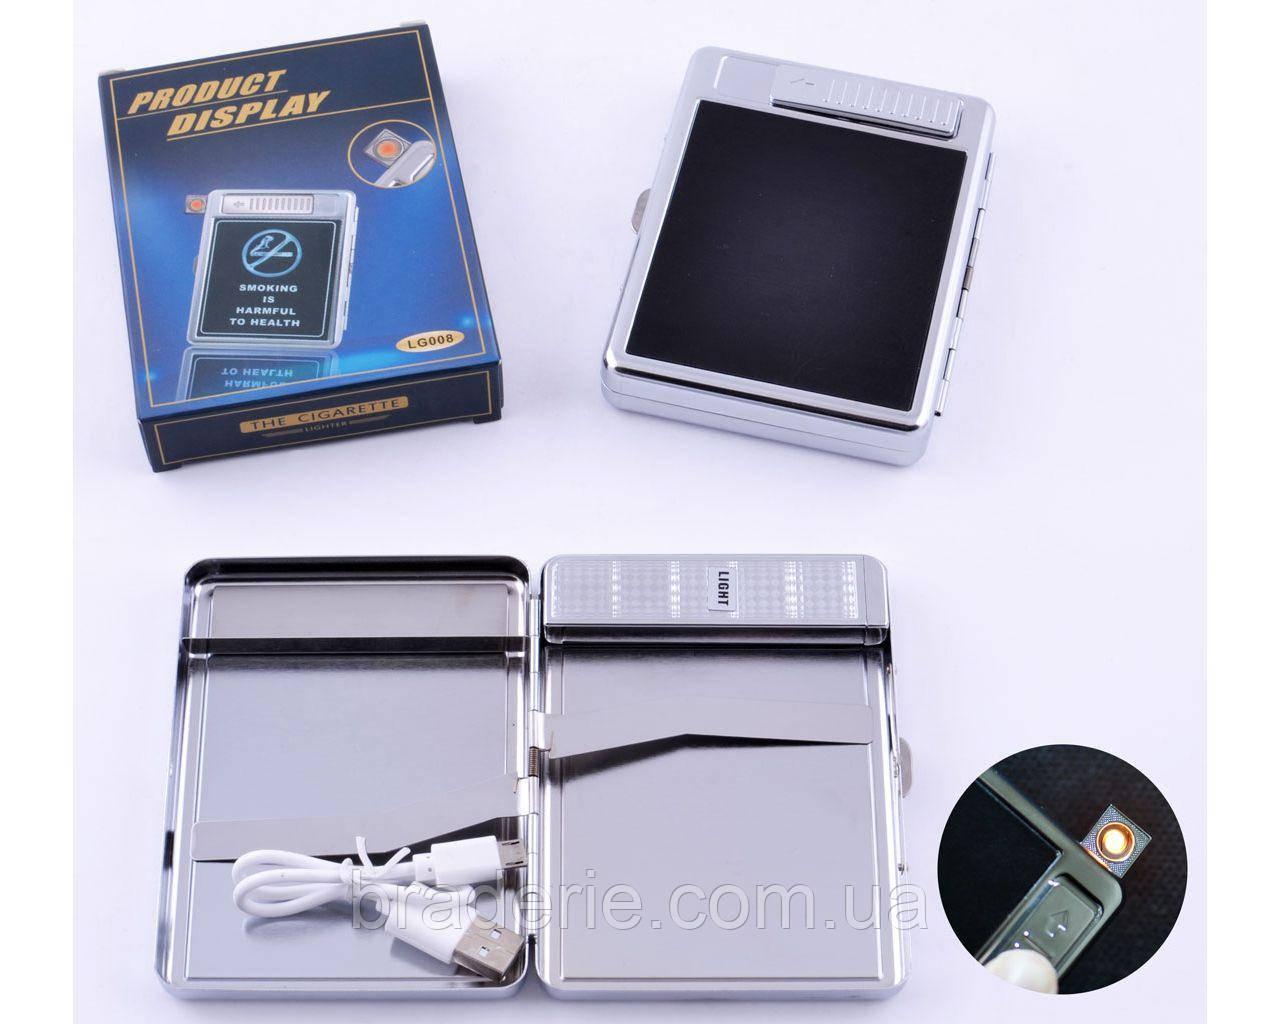 Купить портсигар с зажигалкой на 20 сигарет зарядное устройство электронная сигарета купить